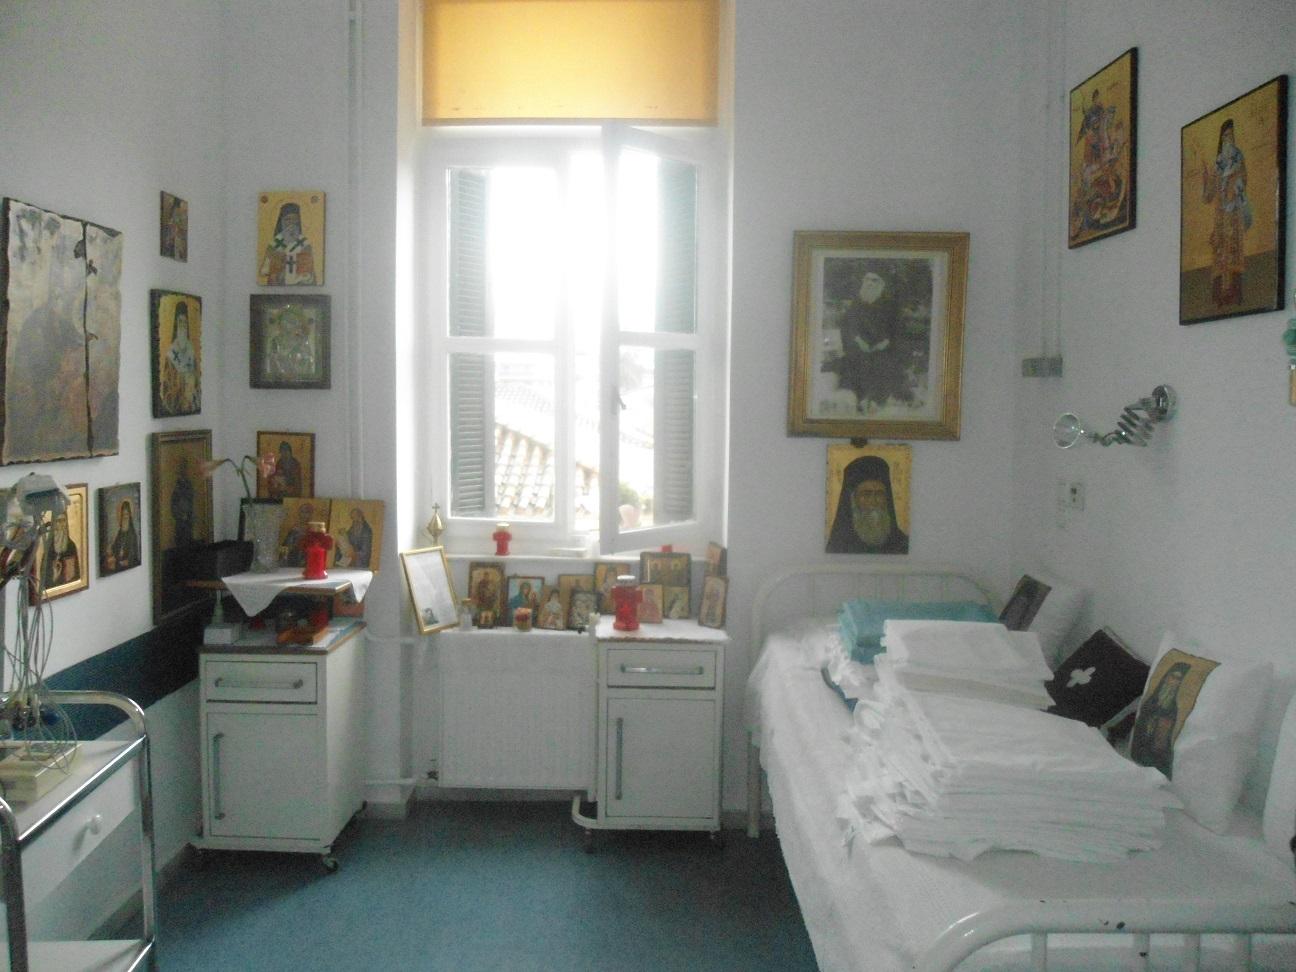 10.Το δωμάτιο όπου εκοιμήθη στις 8-11-1920 ο Αγιος Νεκτάριος. [ ελπίζω να έχουν μαζέψει από το κρεβάτι του τα διπλωμένα σεντόνια!!!! ]